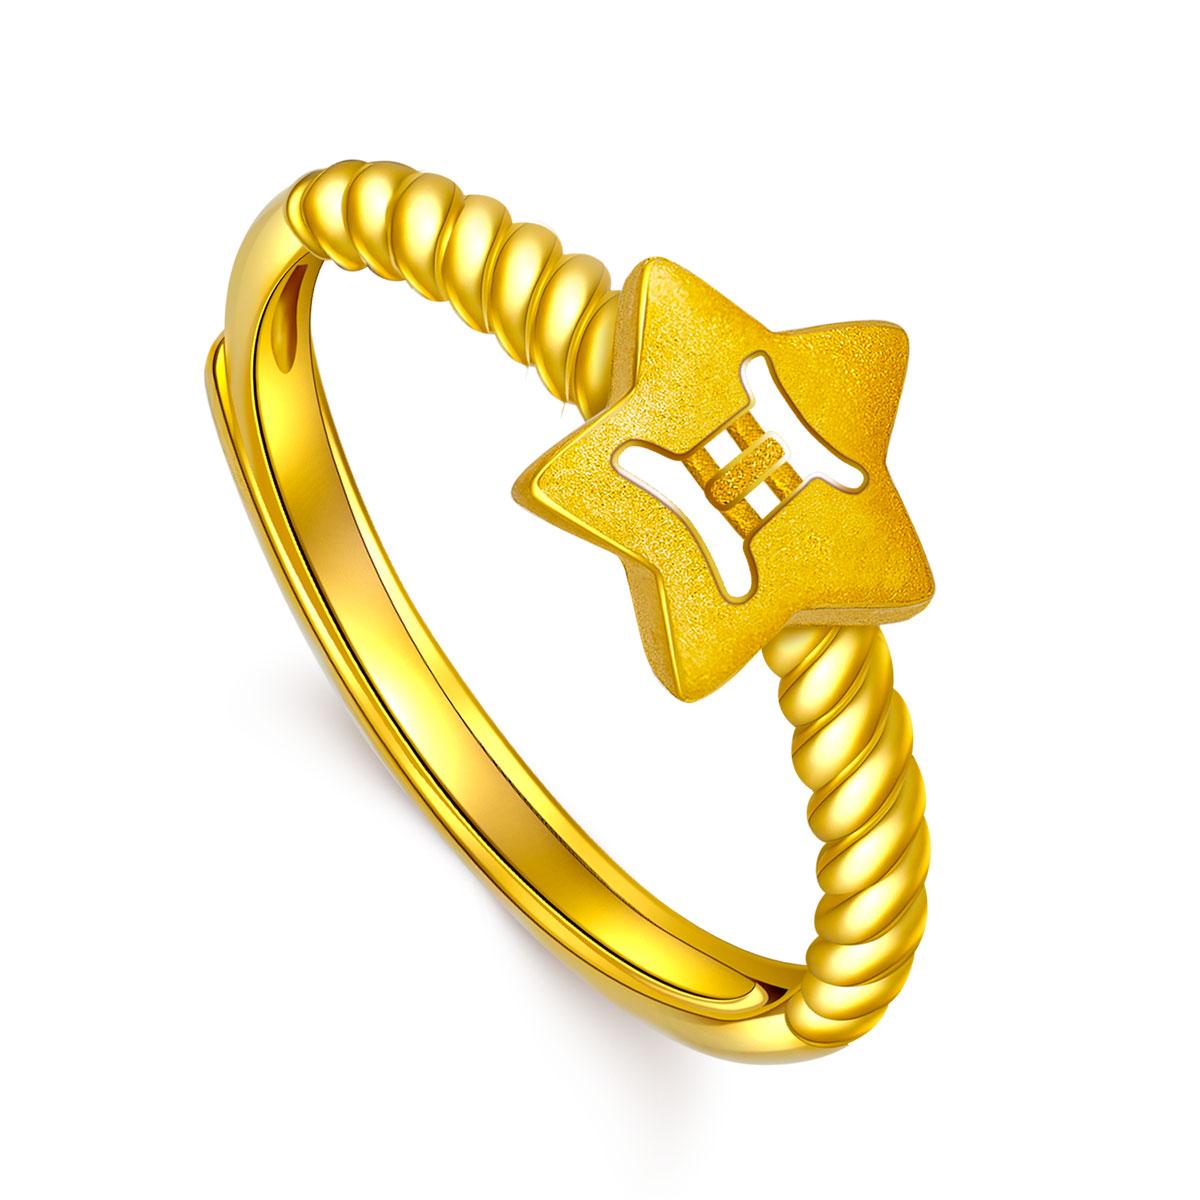 潮宏基星物语 十二星座 足金戒指黄金戒指 计价SRG30001042